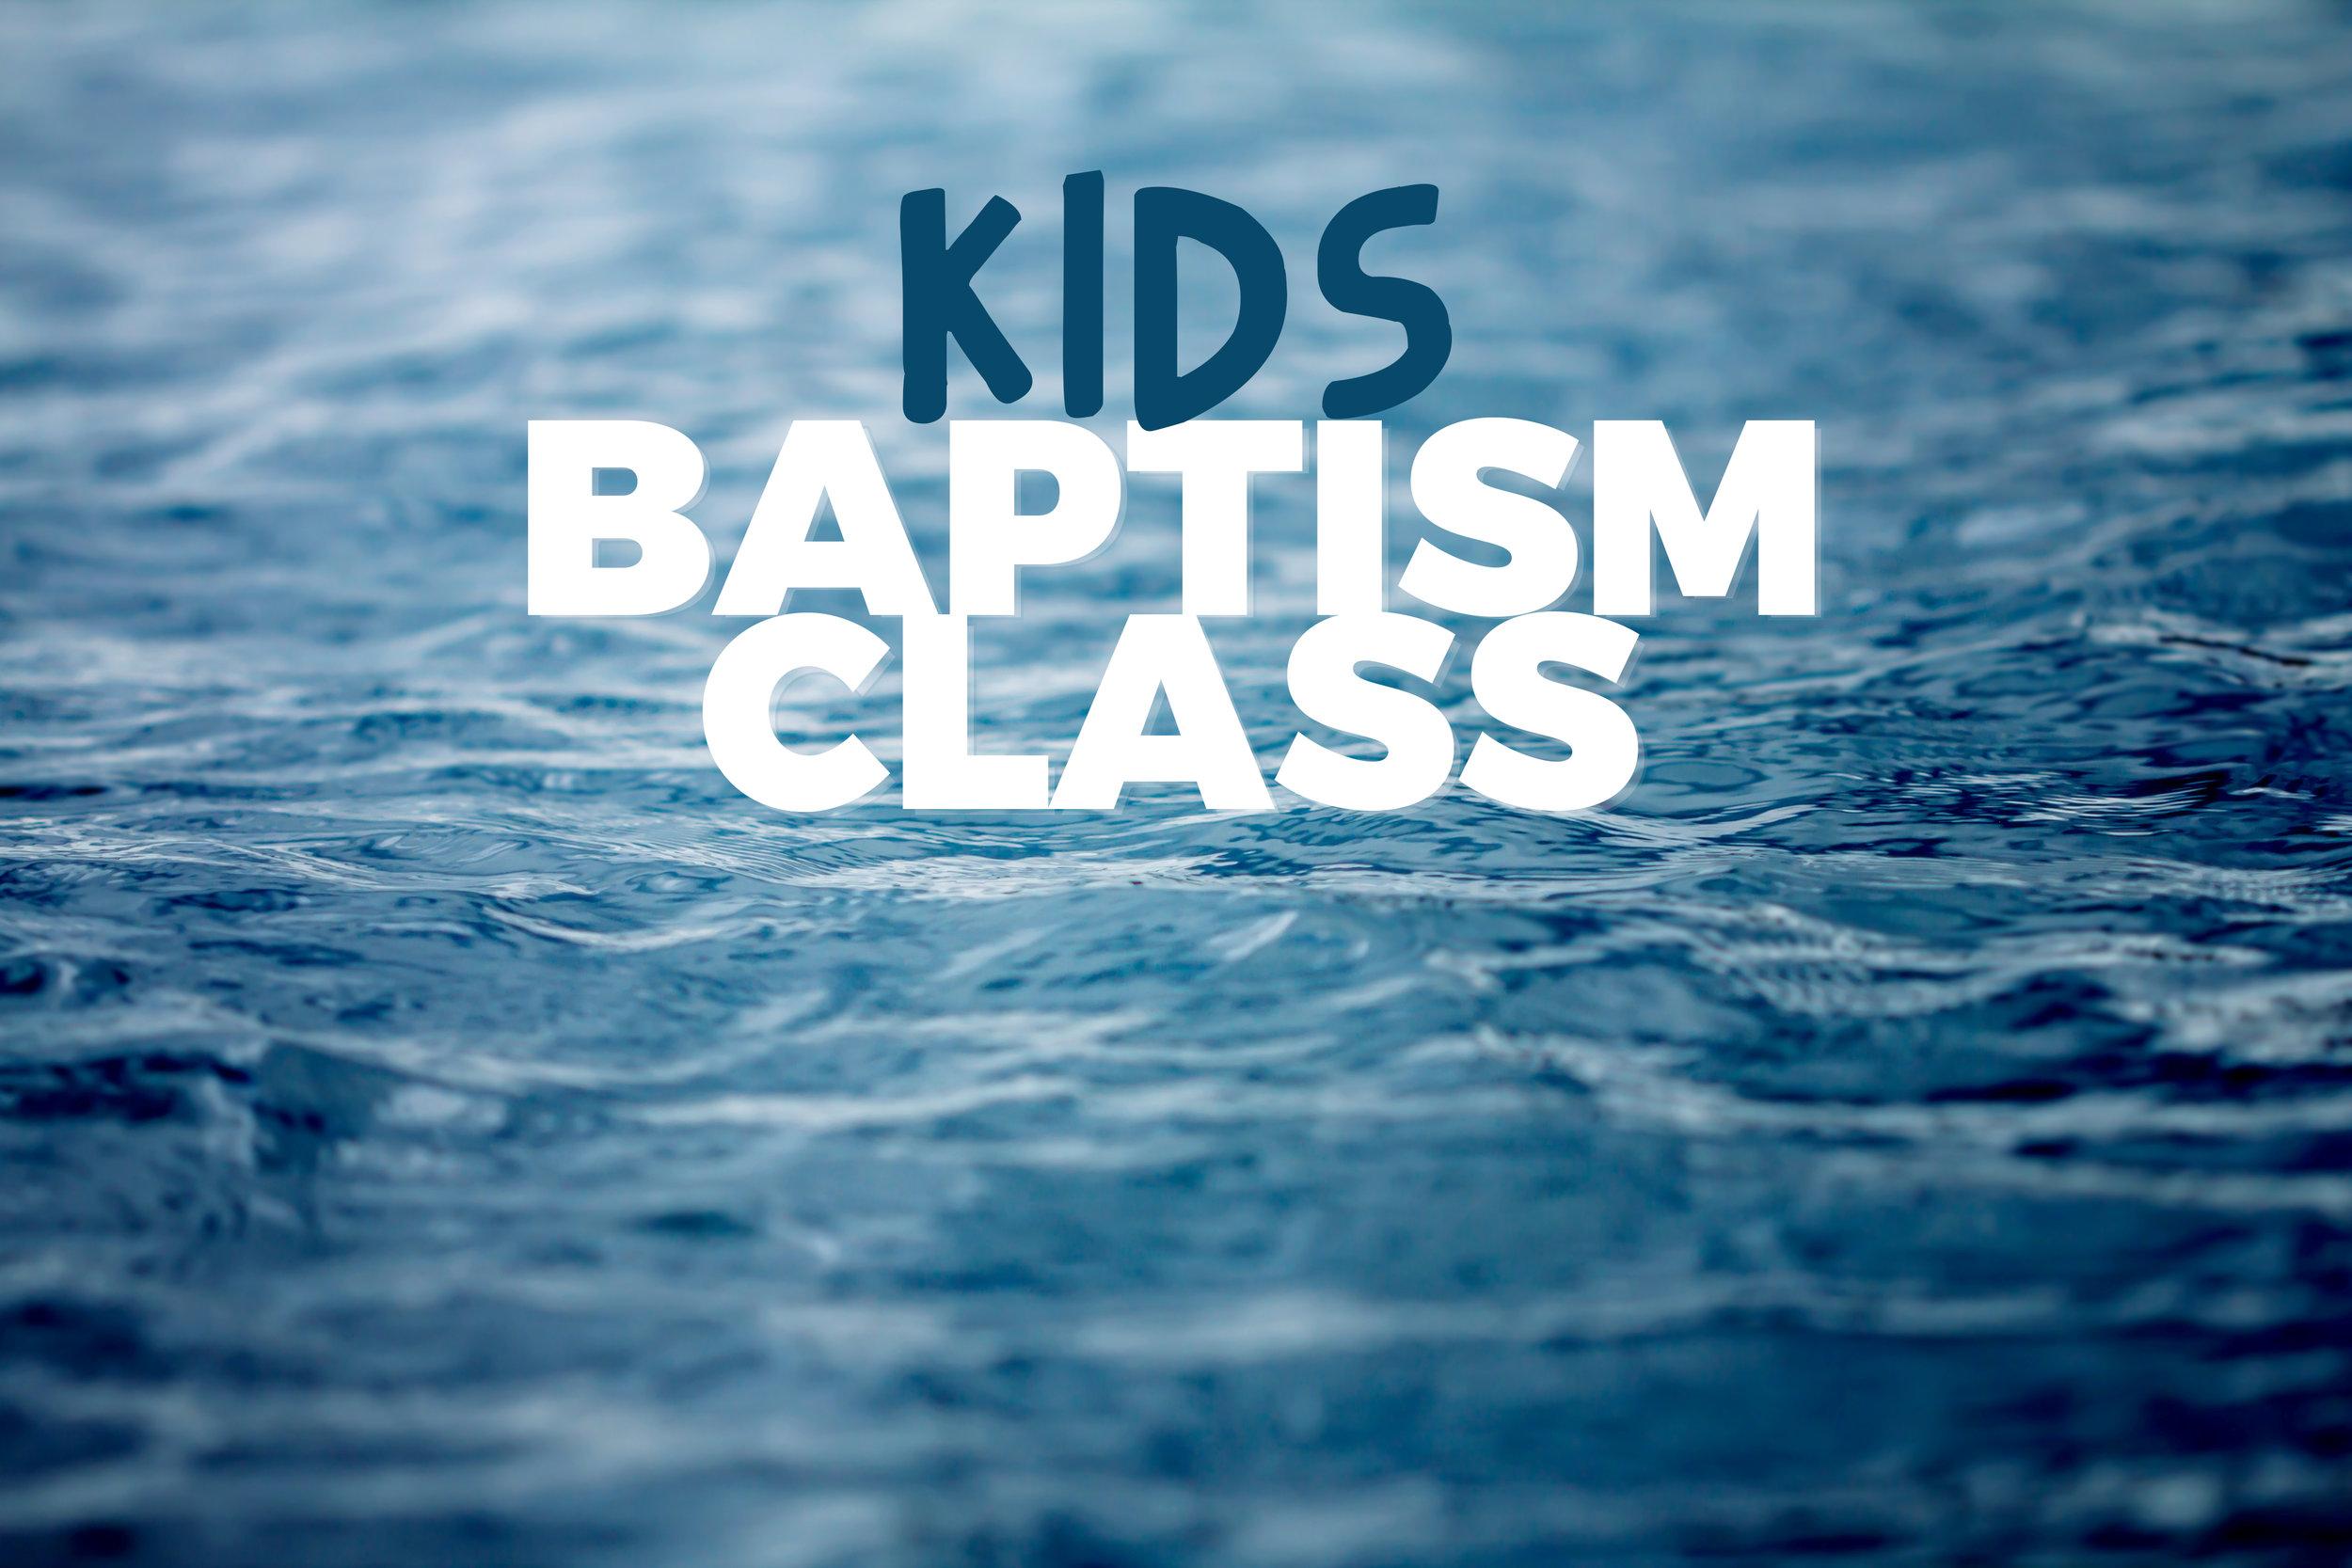 baptism class_kids.jpg